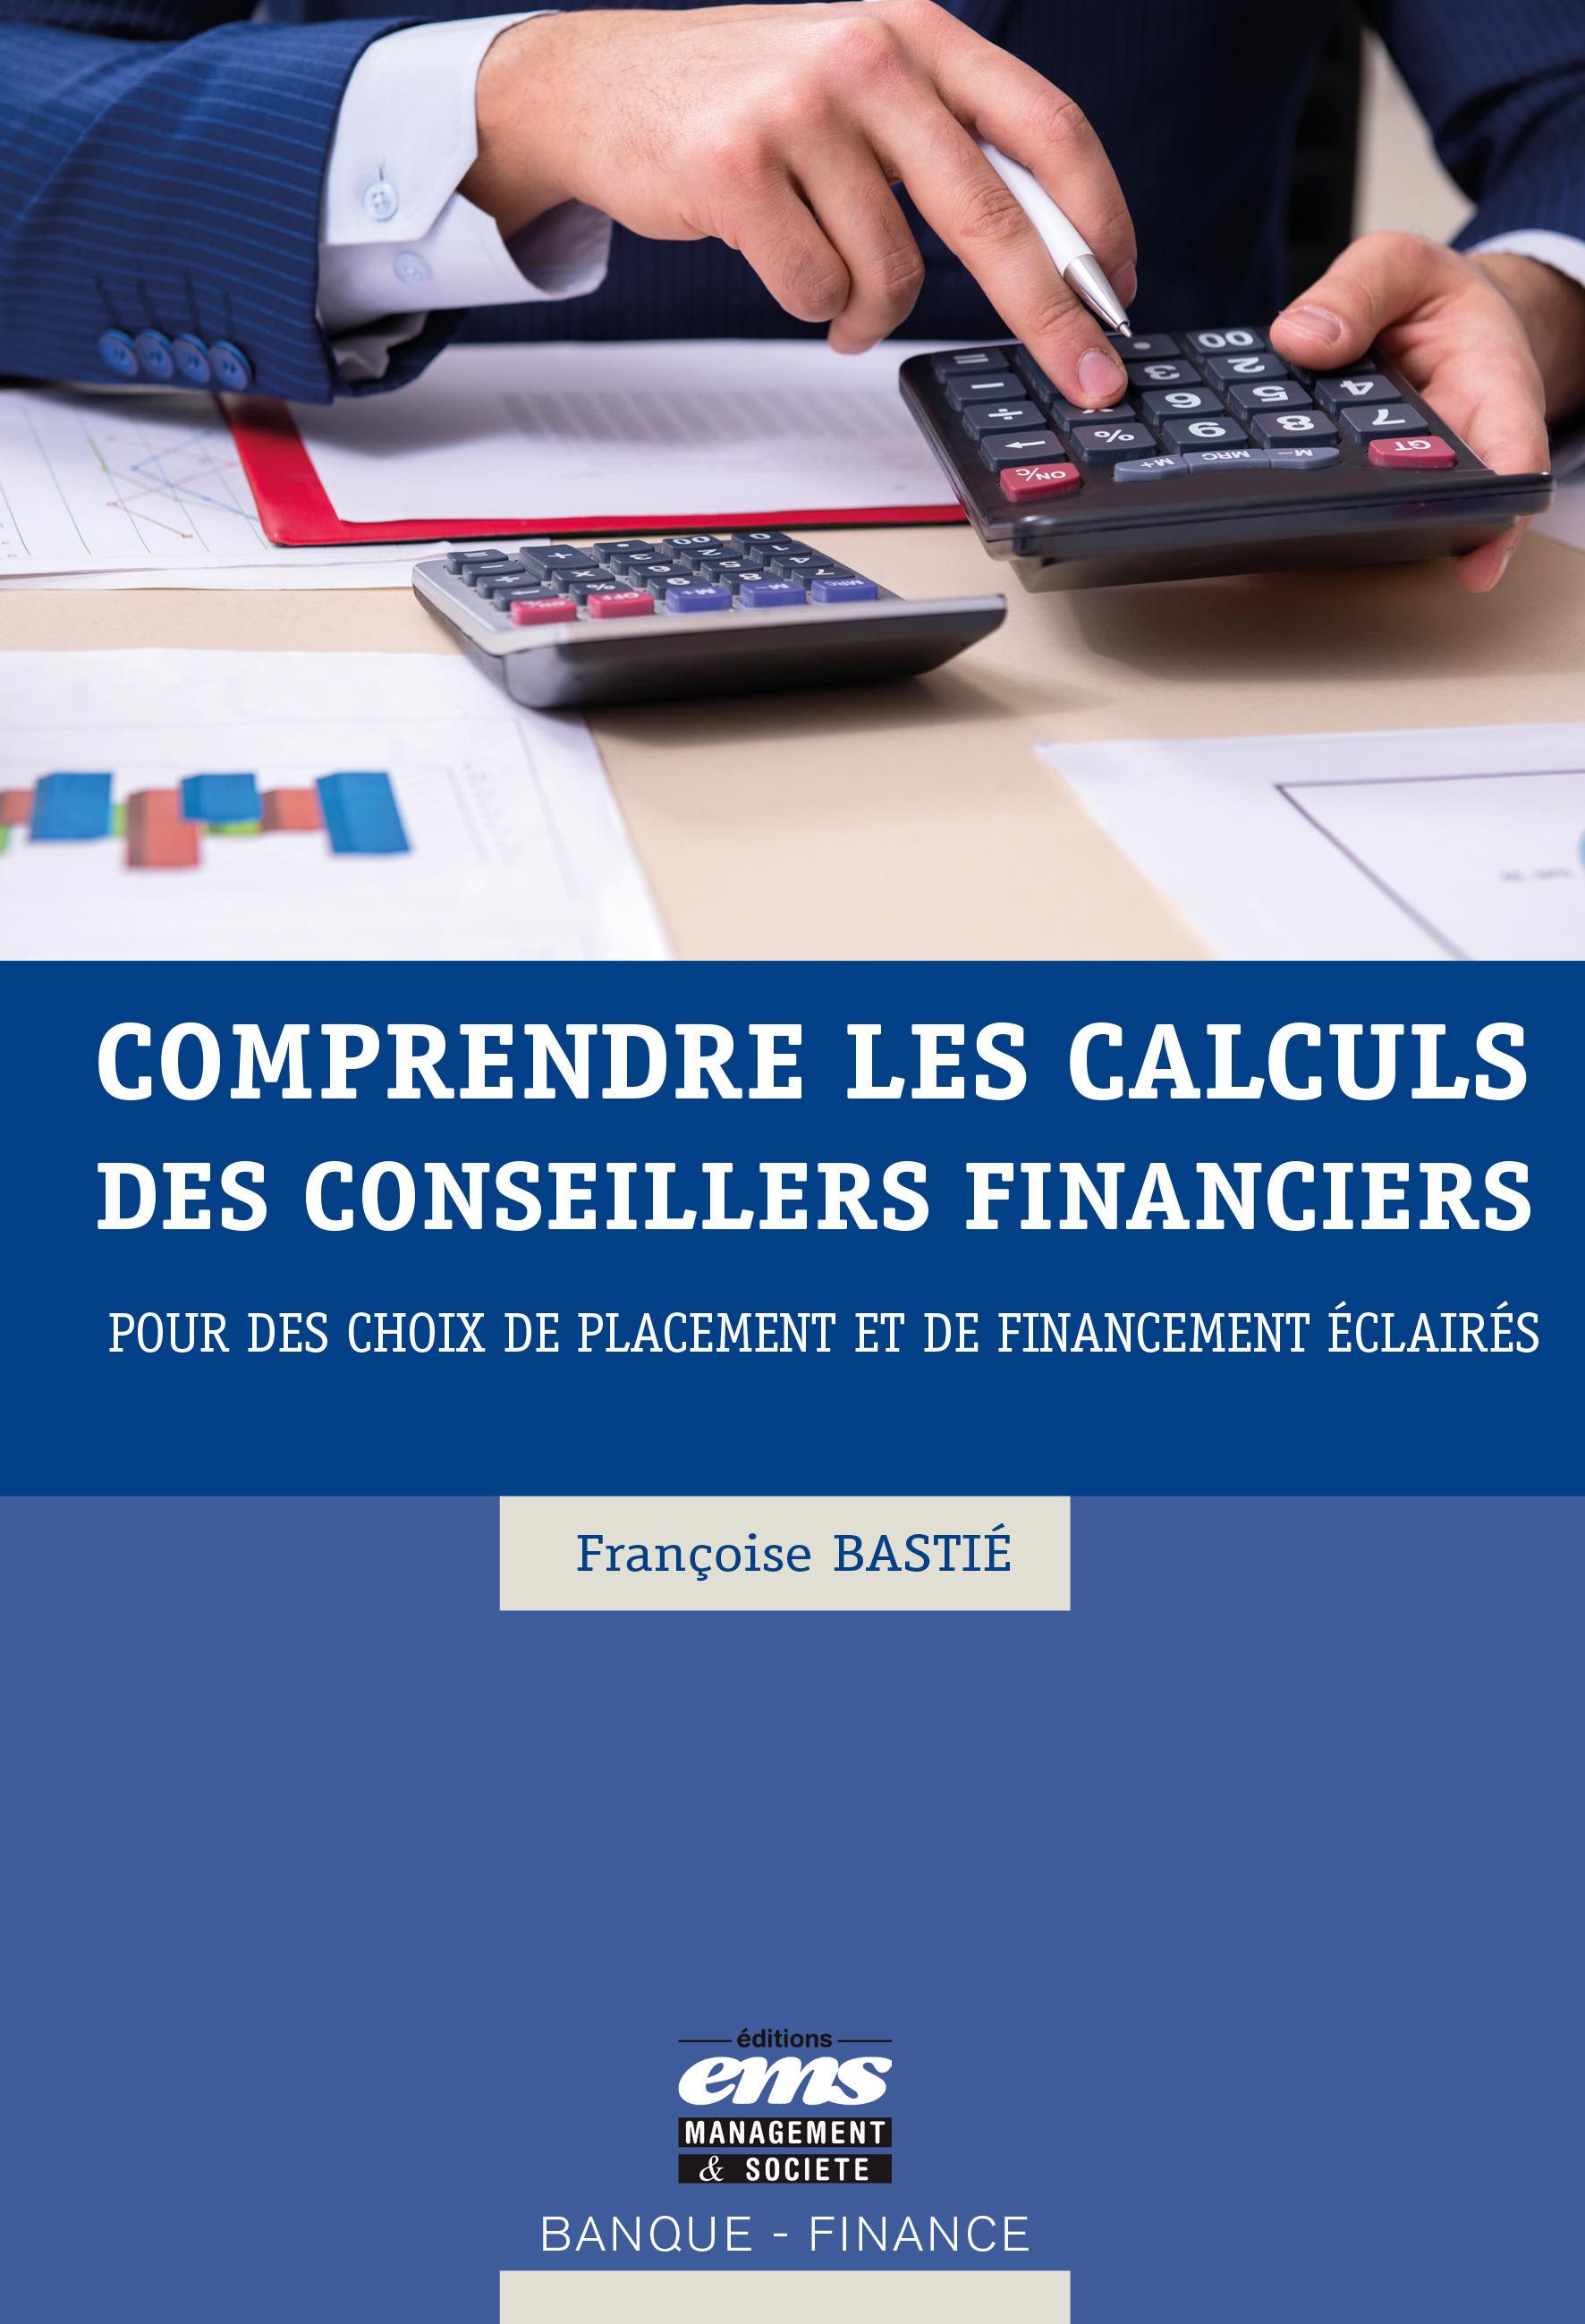 Comprendre les calculs des conseillers financiers ; pour des choix de placement et de financement éclairés